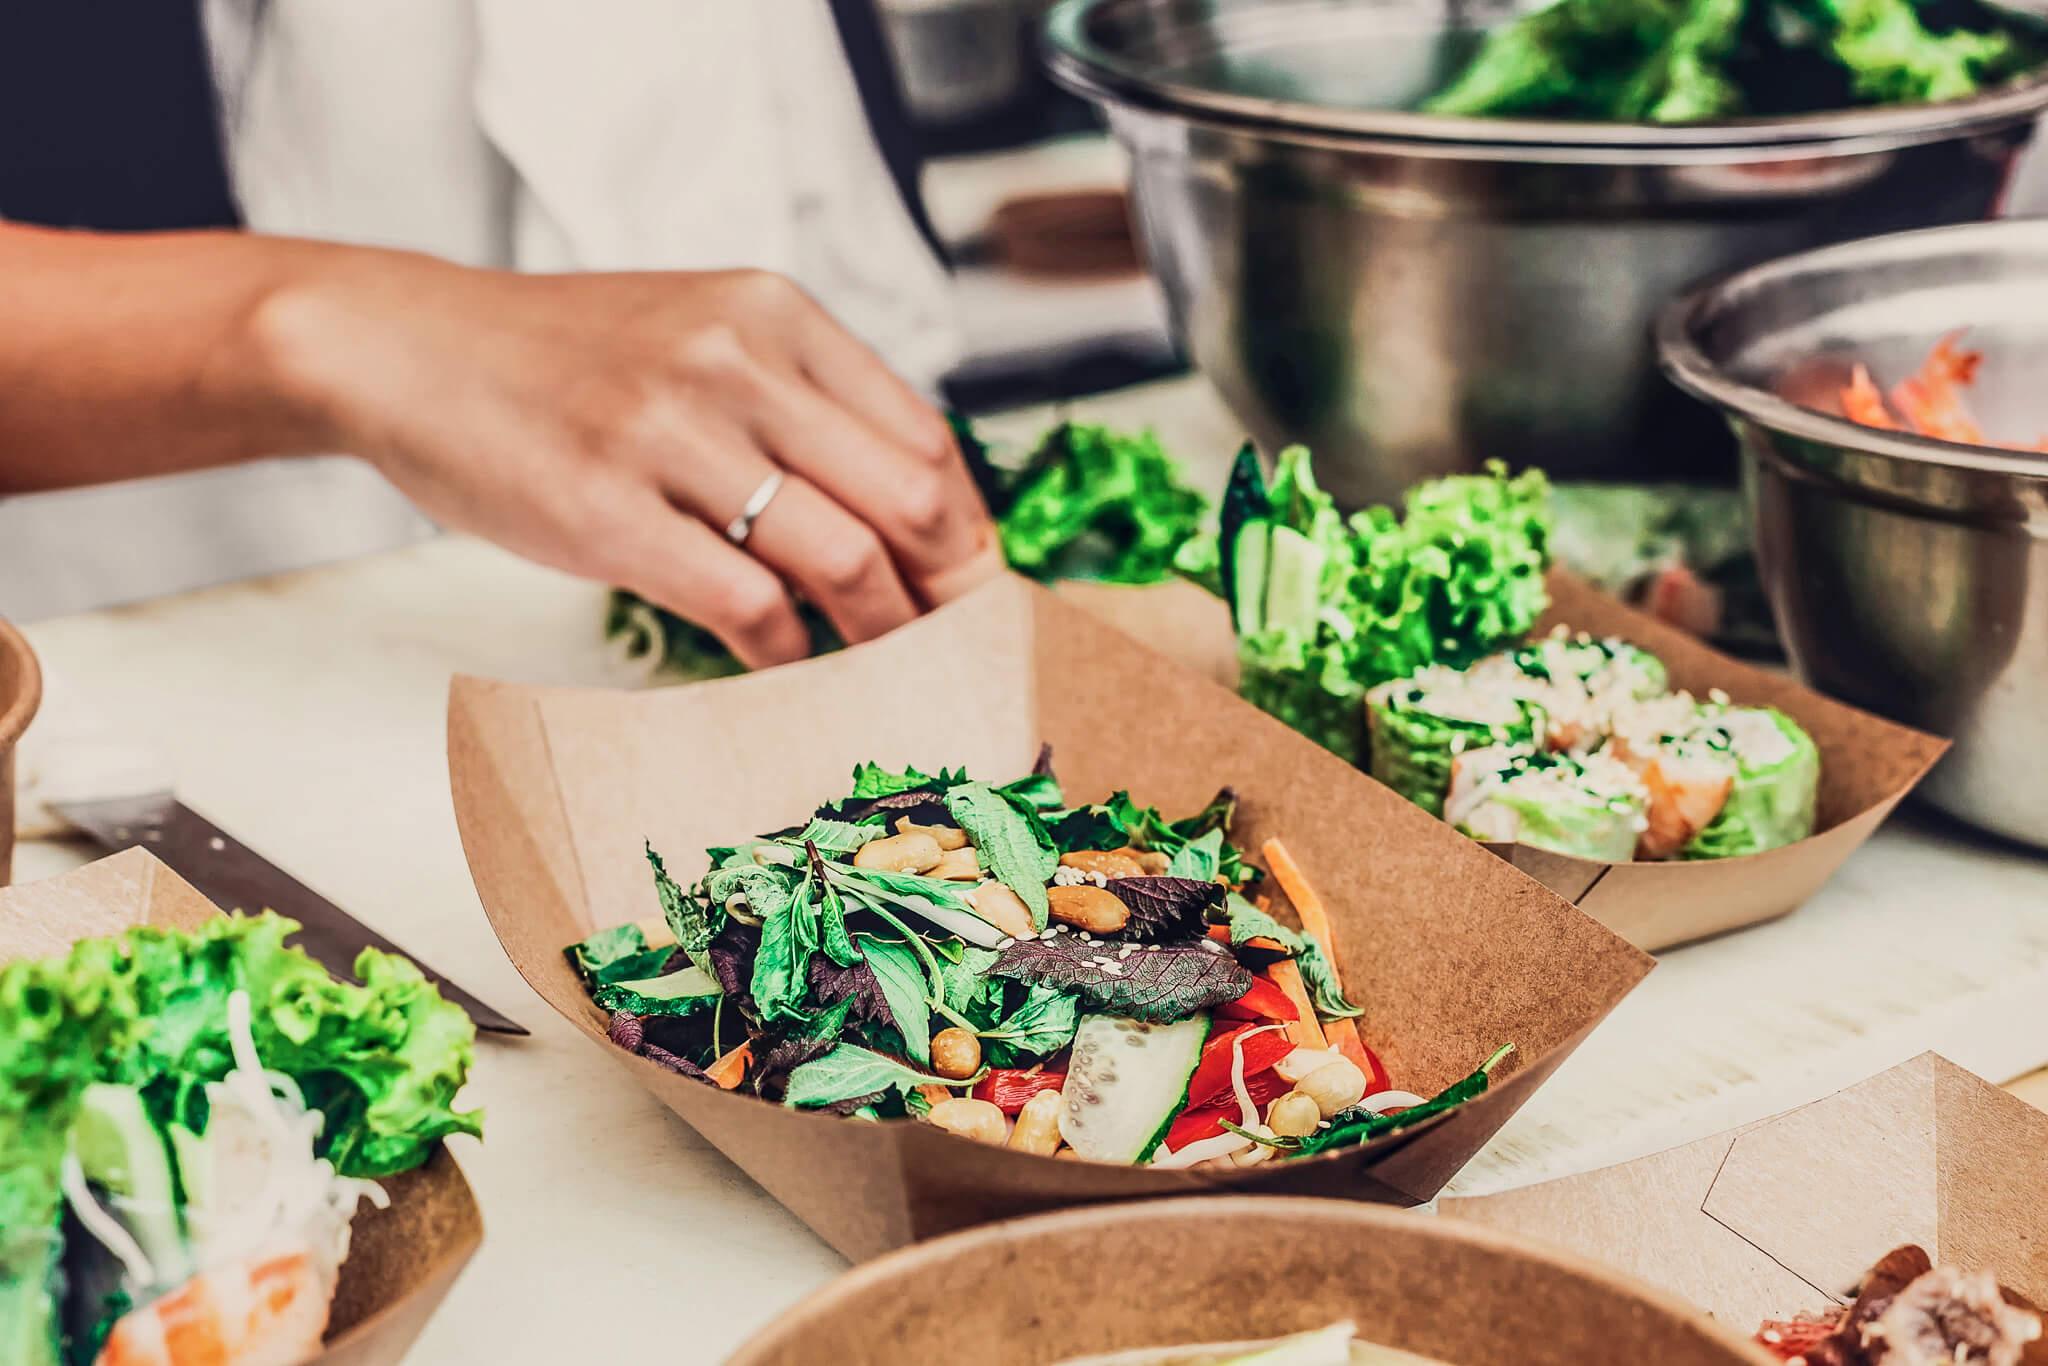 Wie wichtig sind pflanzliche Gerichte in Zukunft?